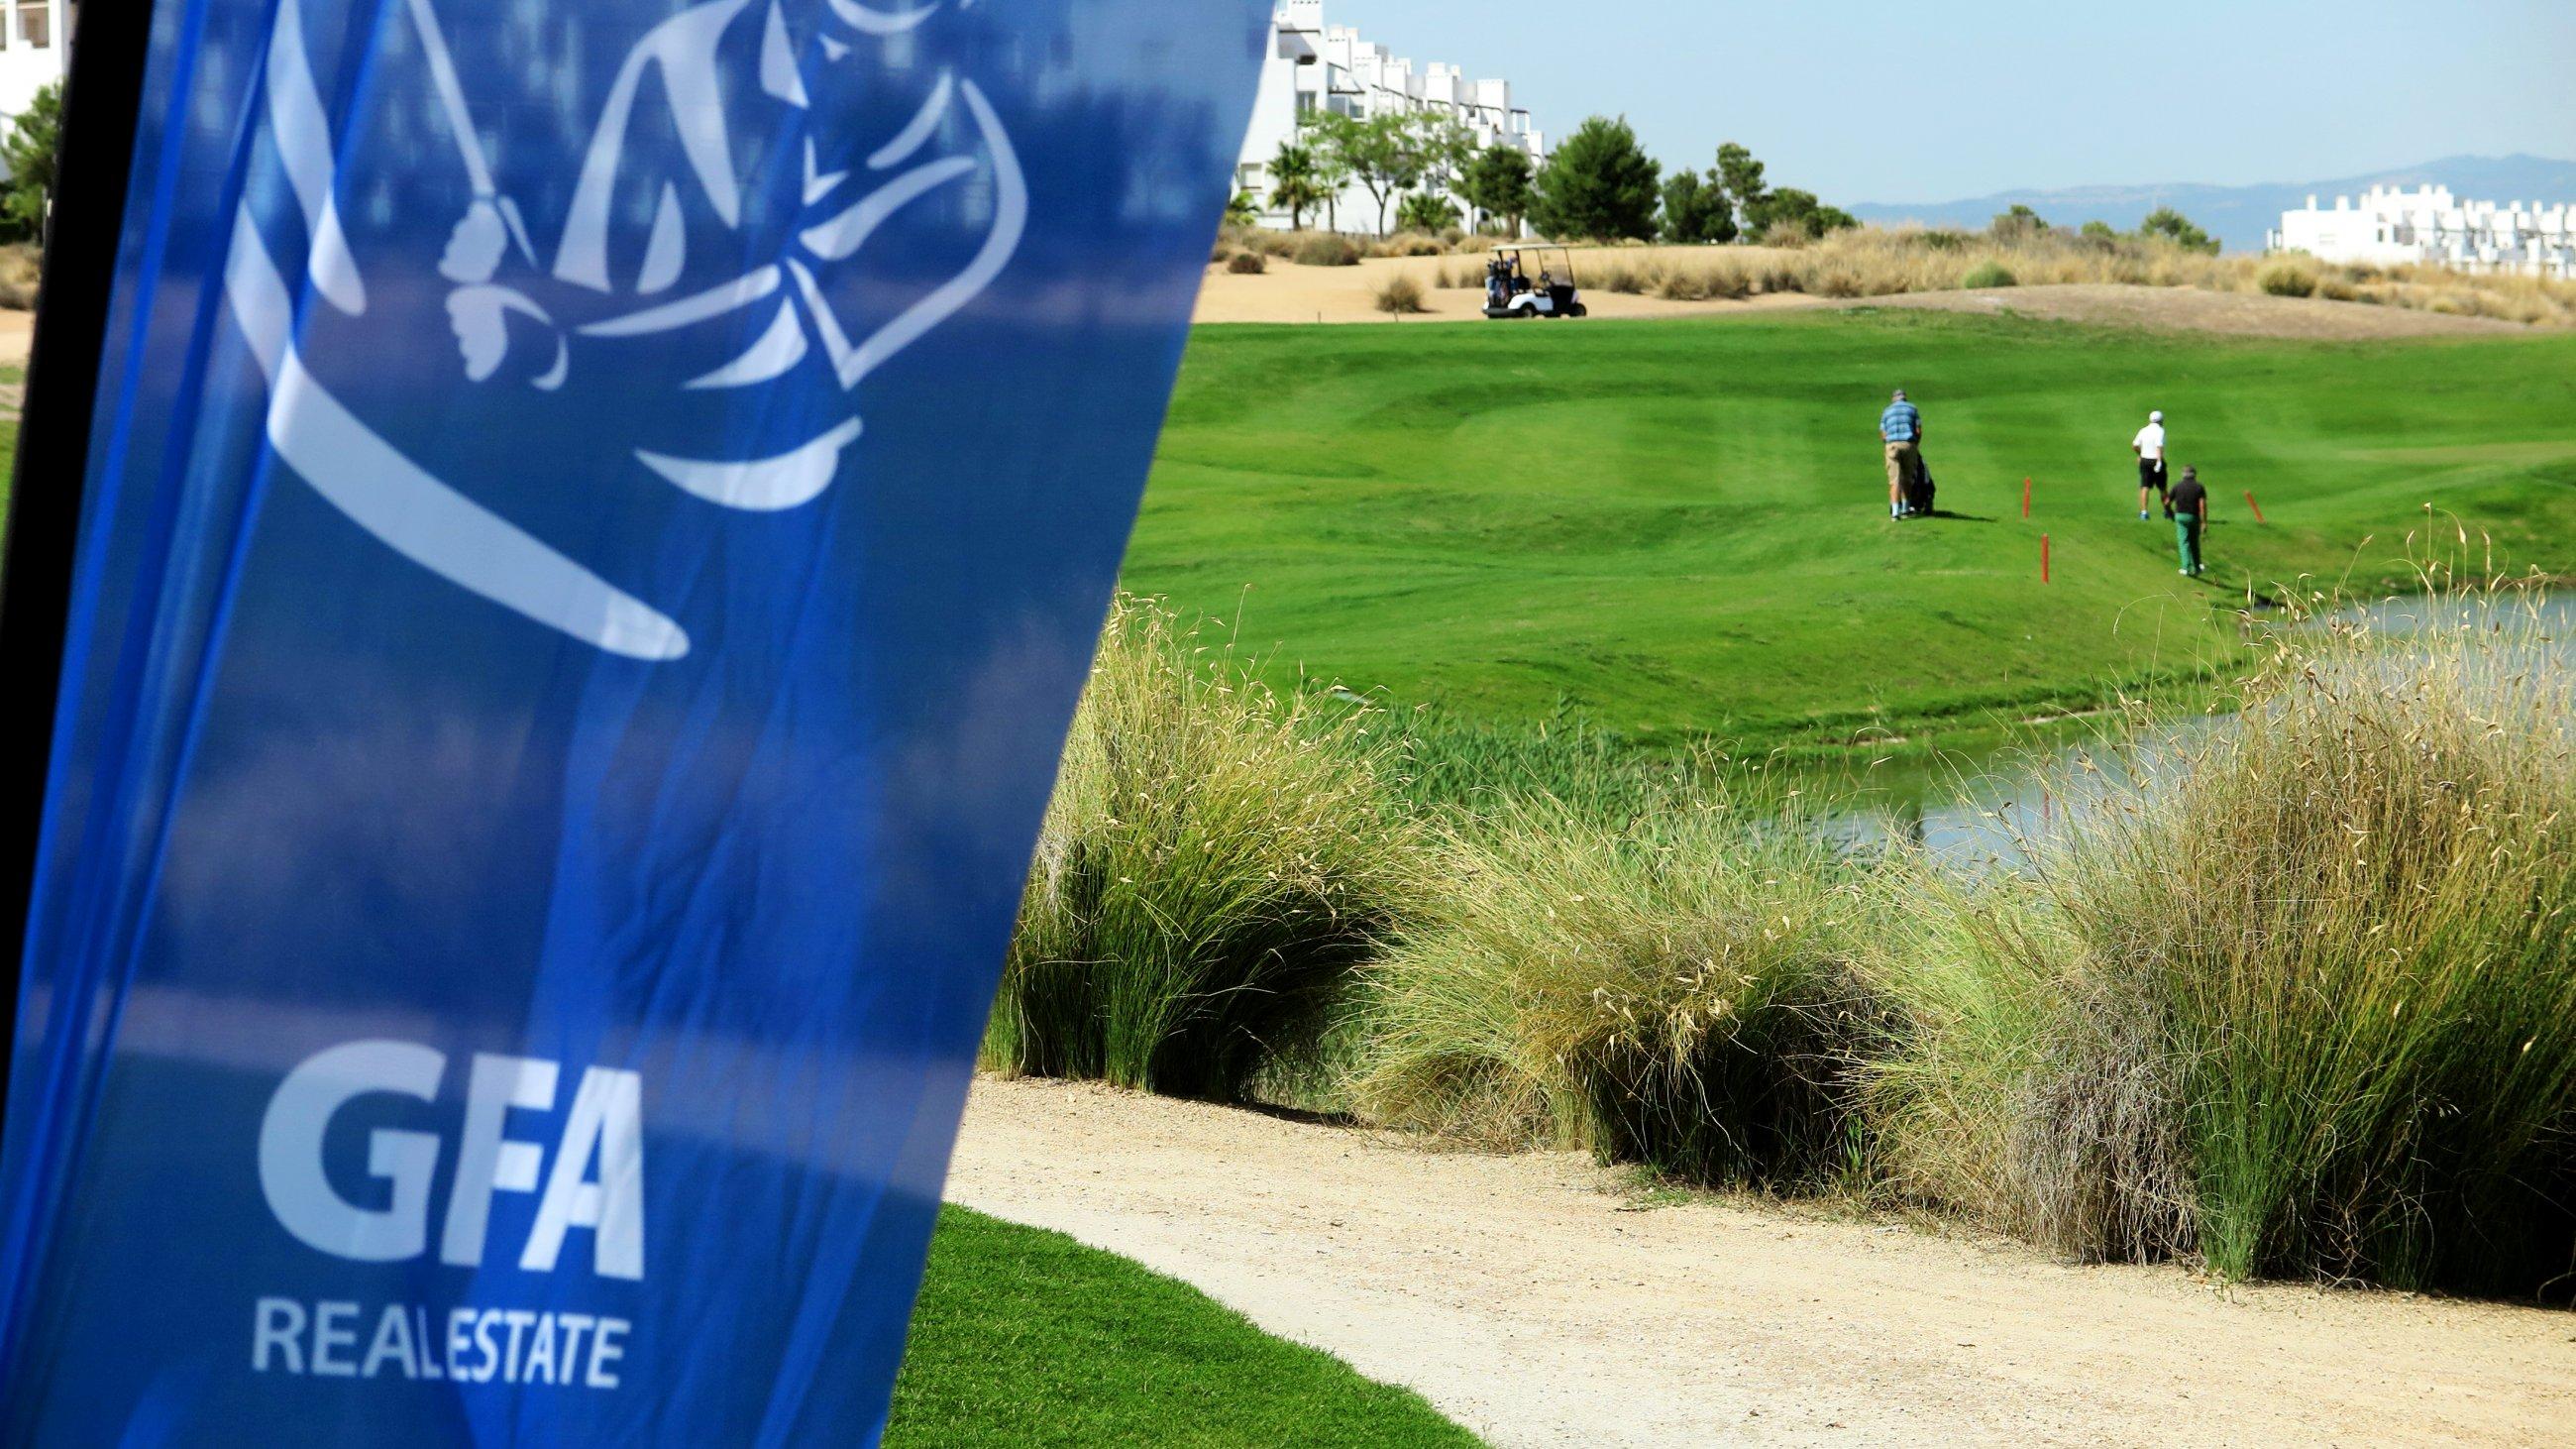 GFA En Alhama Signature Golf